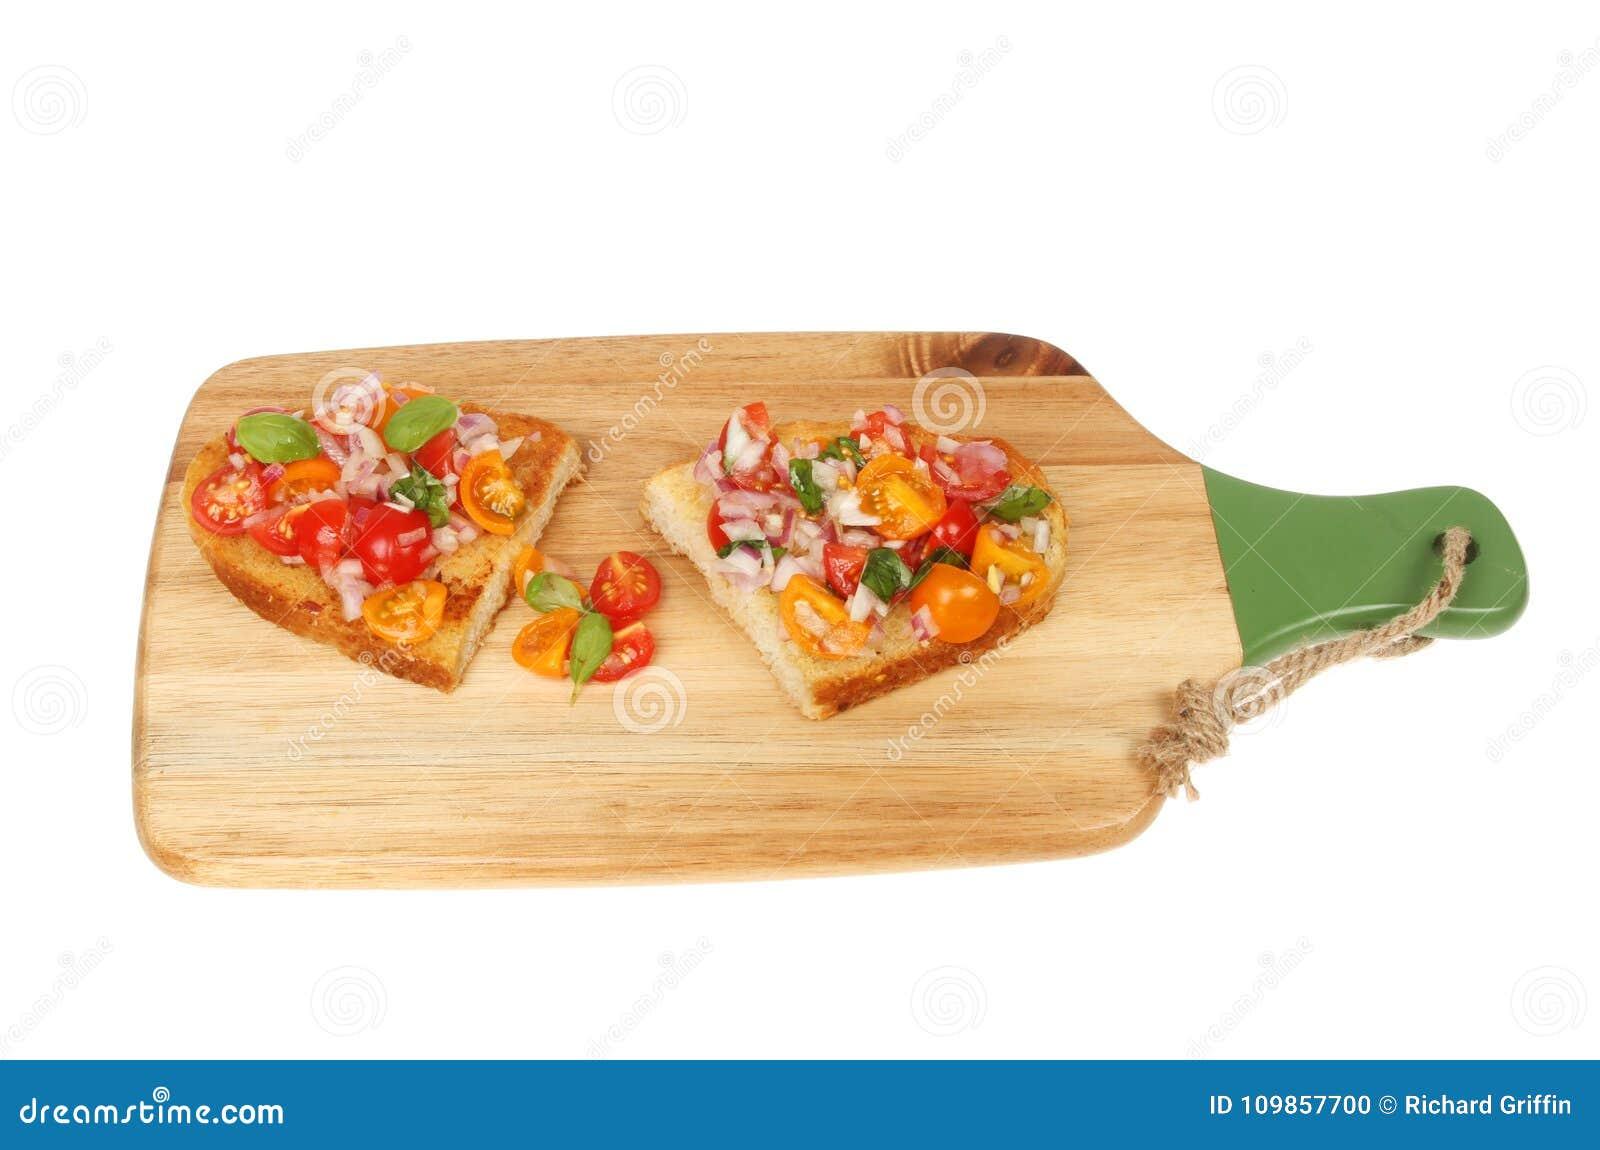 Bruschetta on a chopping board